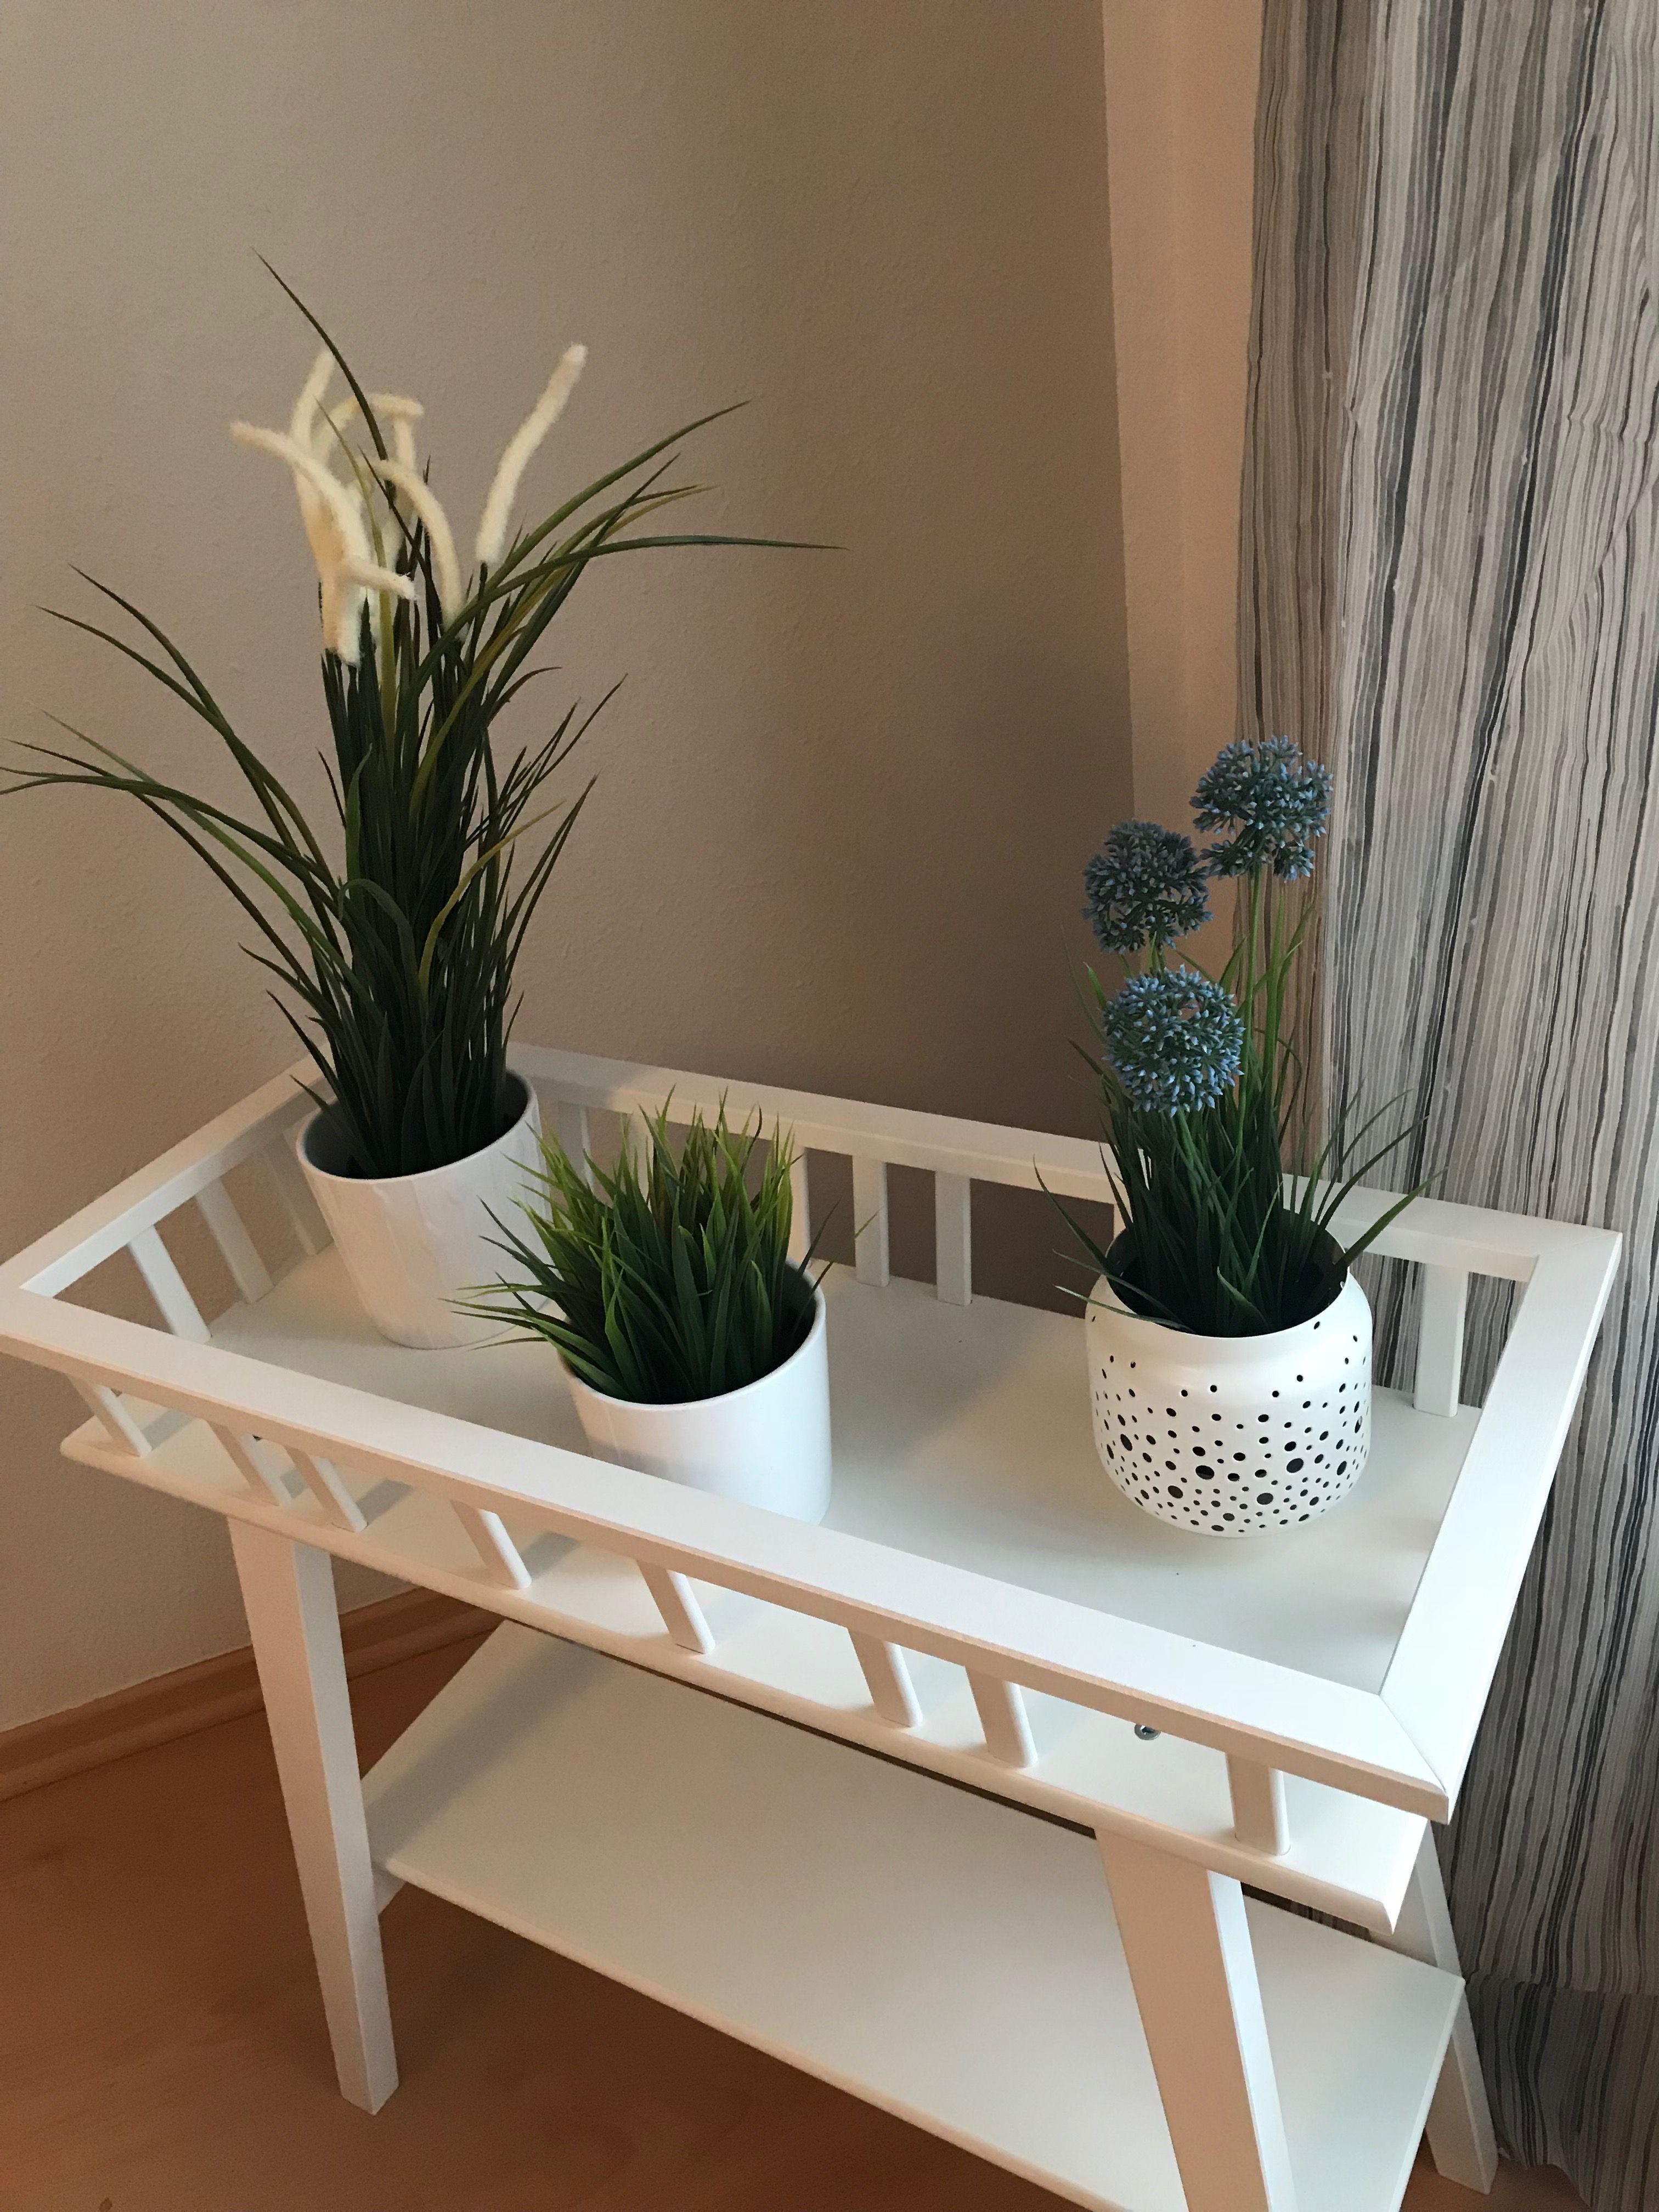 blumenbank lantliv fake pflanzen gardinen dagrun und bert pfe sind von ikea wandfarbe von. Black Bedroom Furniture Sets. Home Design Ideas